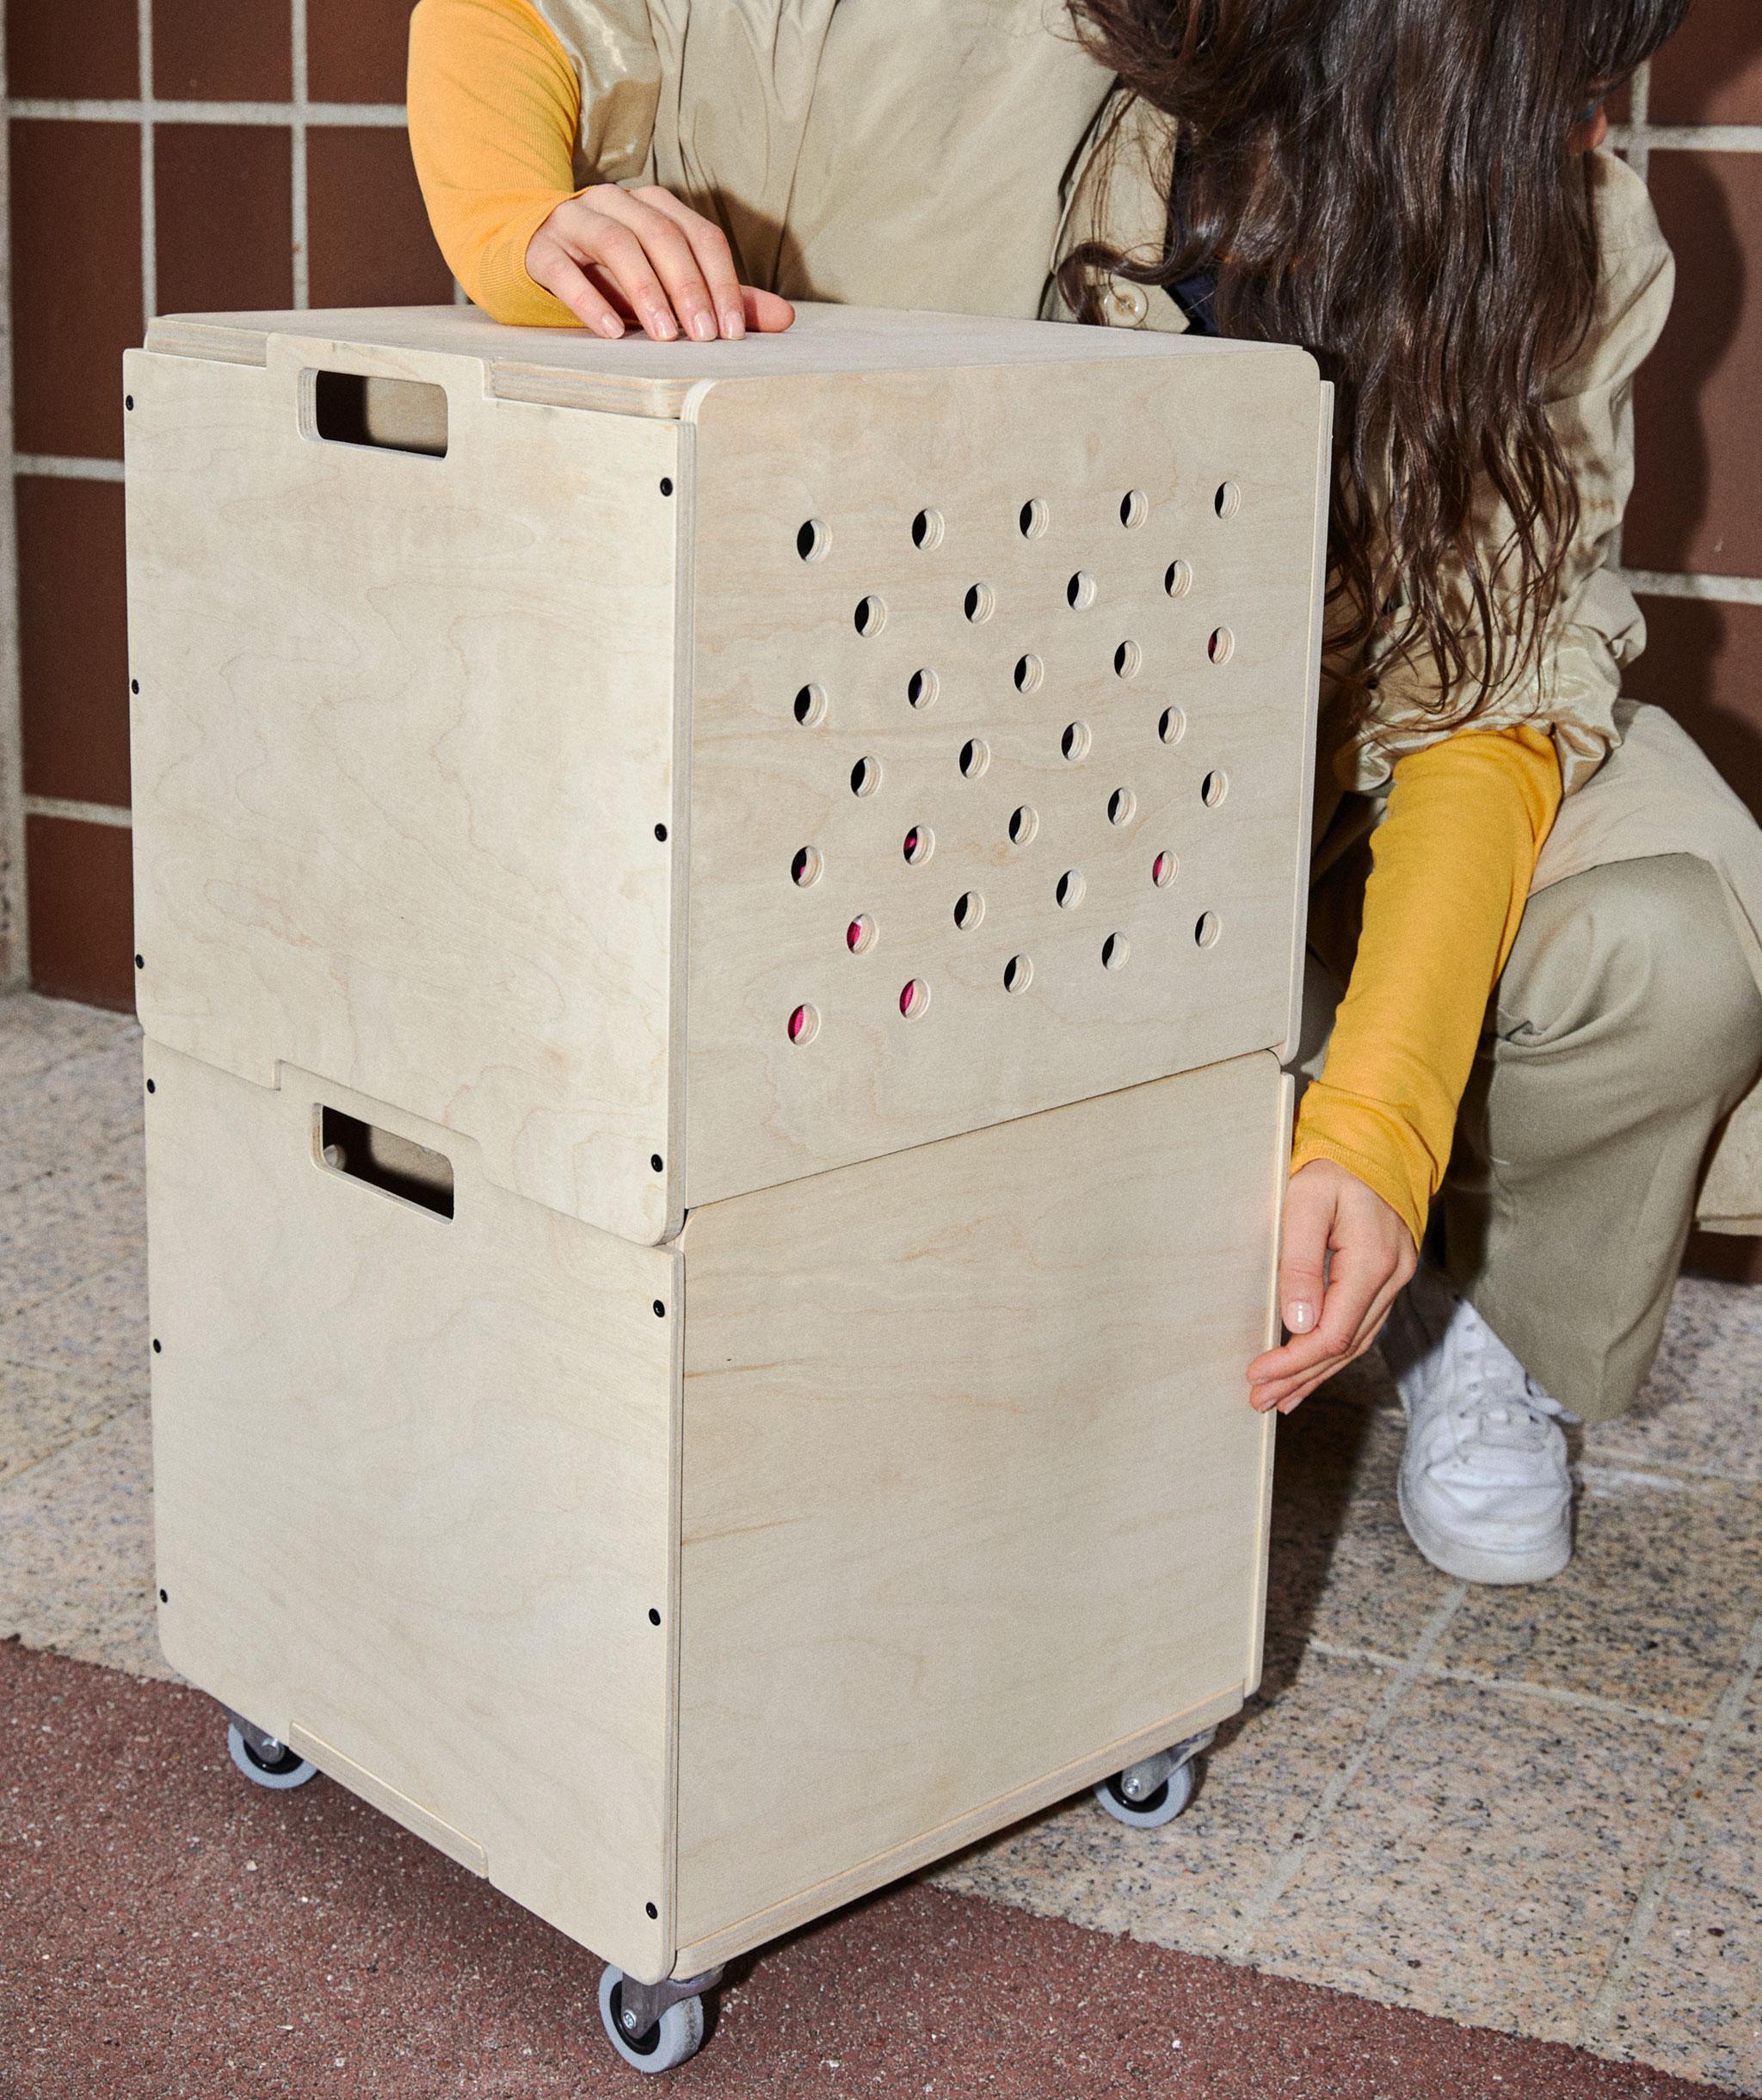 Dua kotak penyimpanan berbentuk kubus yang terbuat dari plywood, ditumpuk satu sama lain. Kotak bawah memiliki roda.